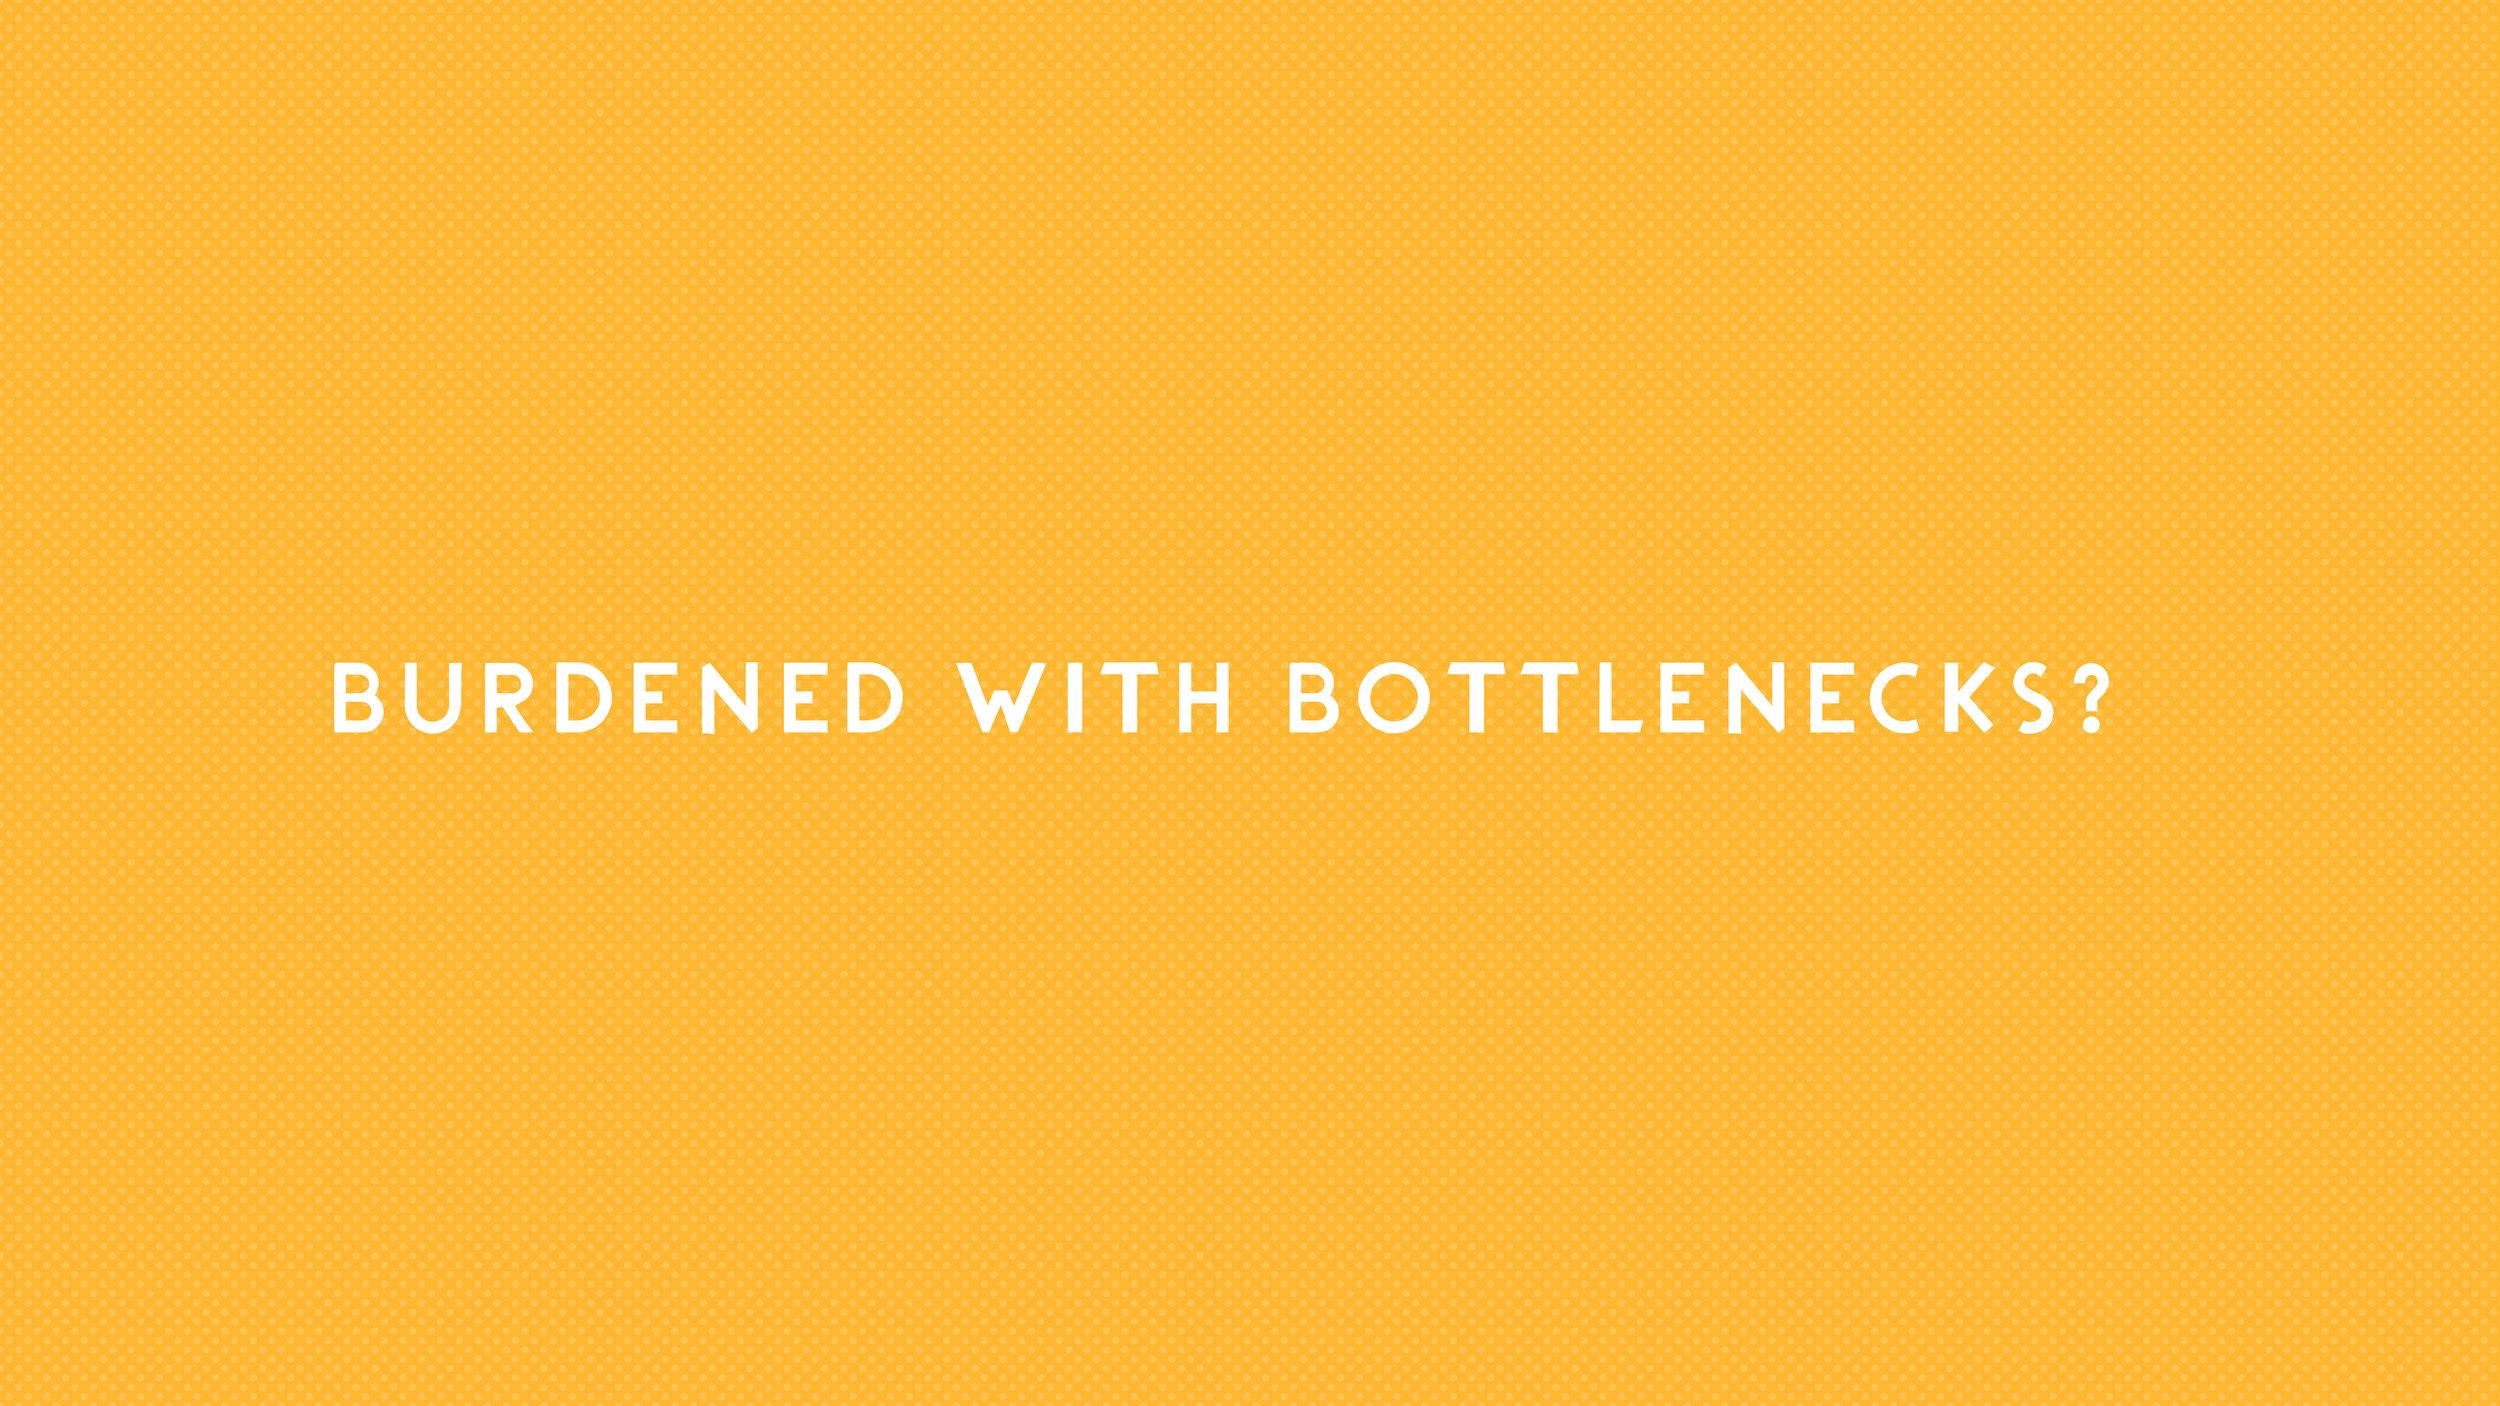 burdened-with-bottlenecks.jpg